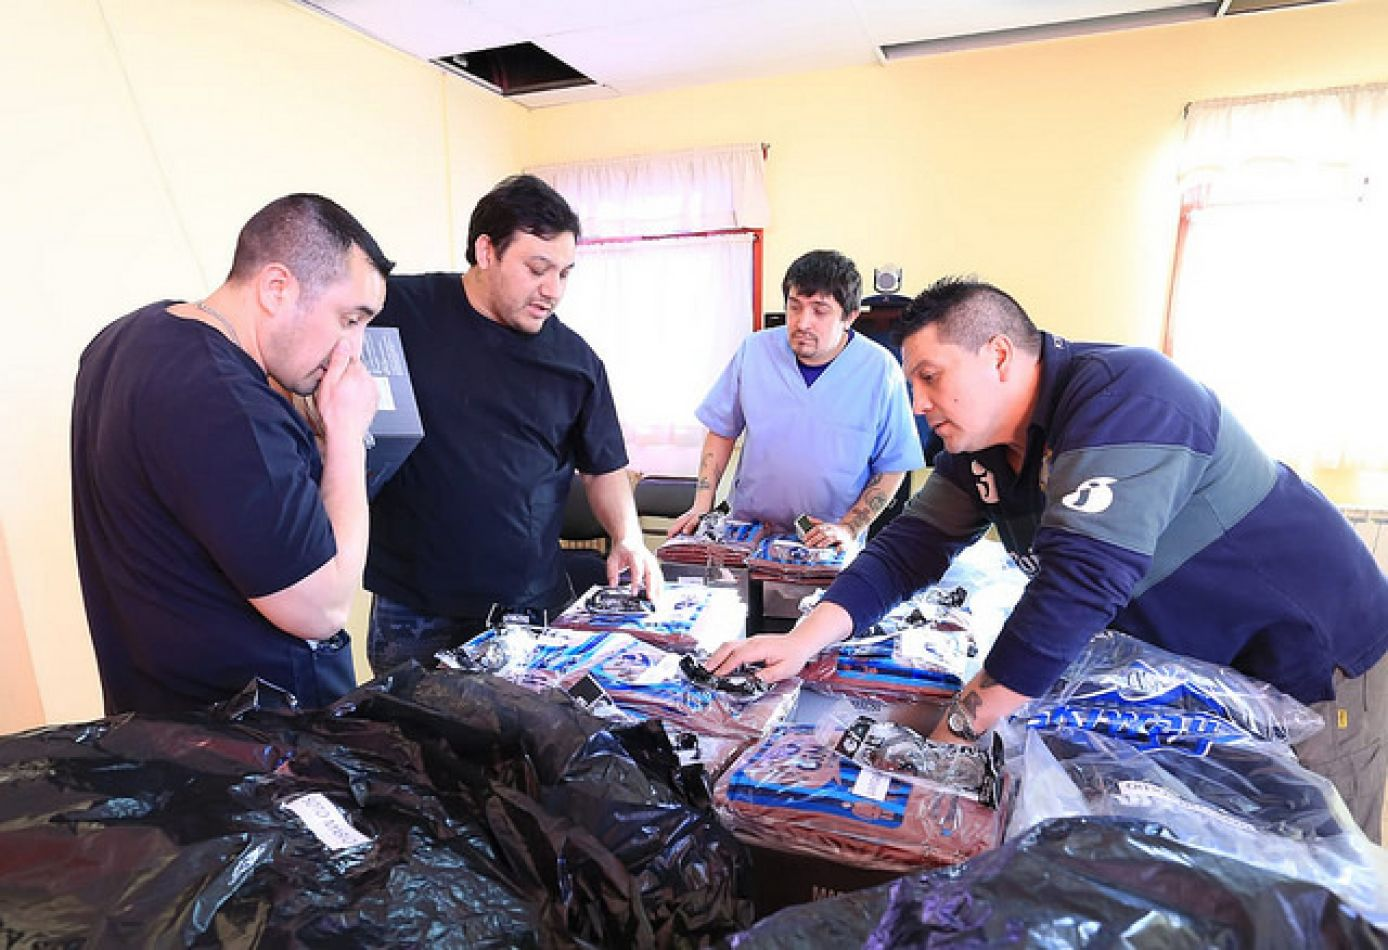 Gobierno provincial hizo entrega este jueves de elementos de seguridad e indumentaria para el personal del Hospital Regional Río Grande